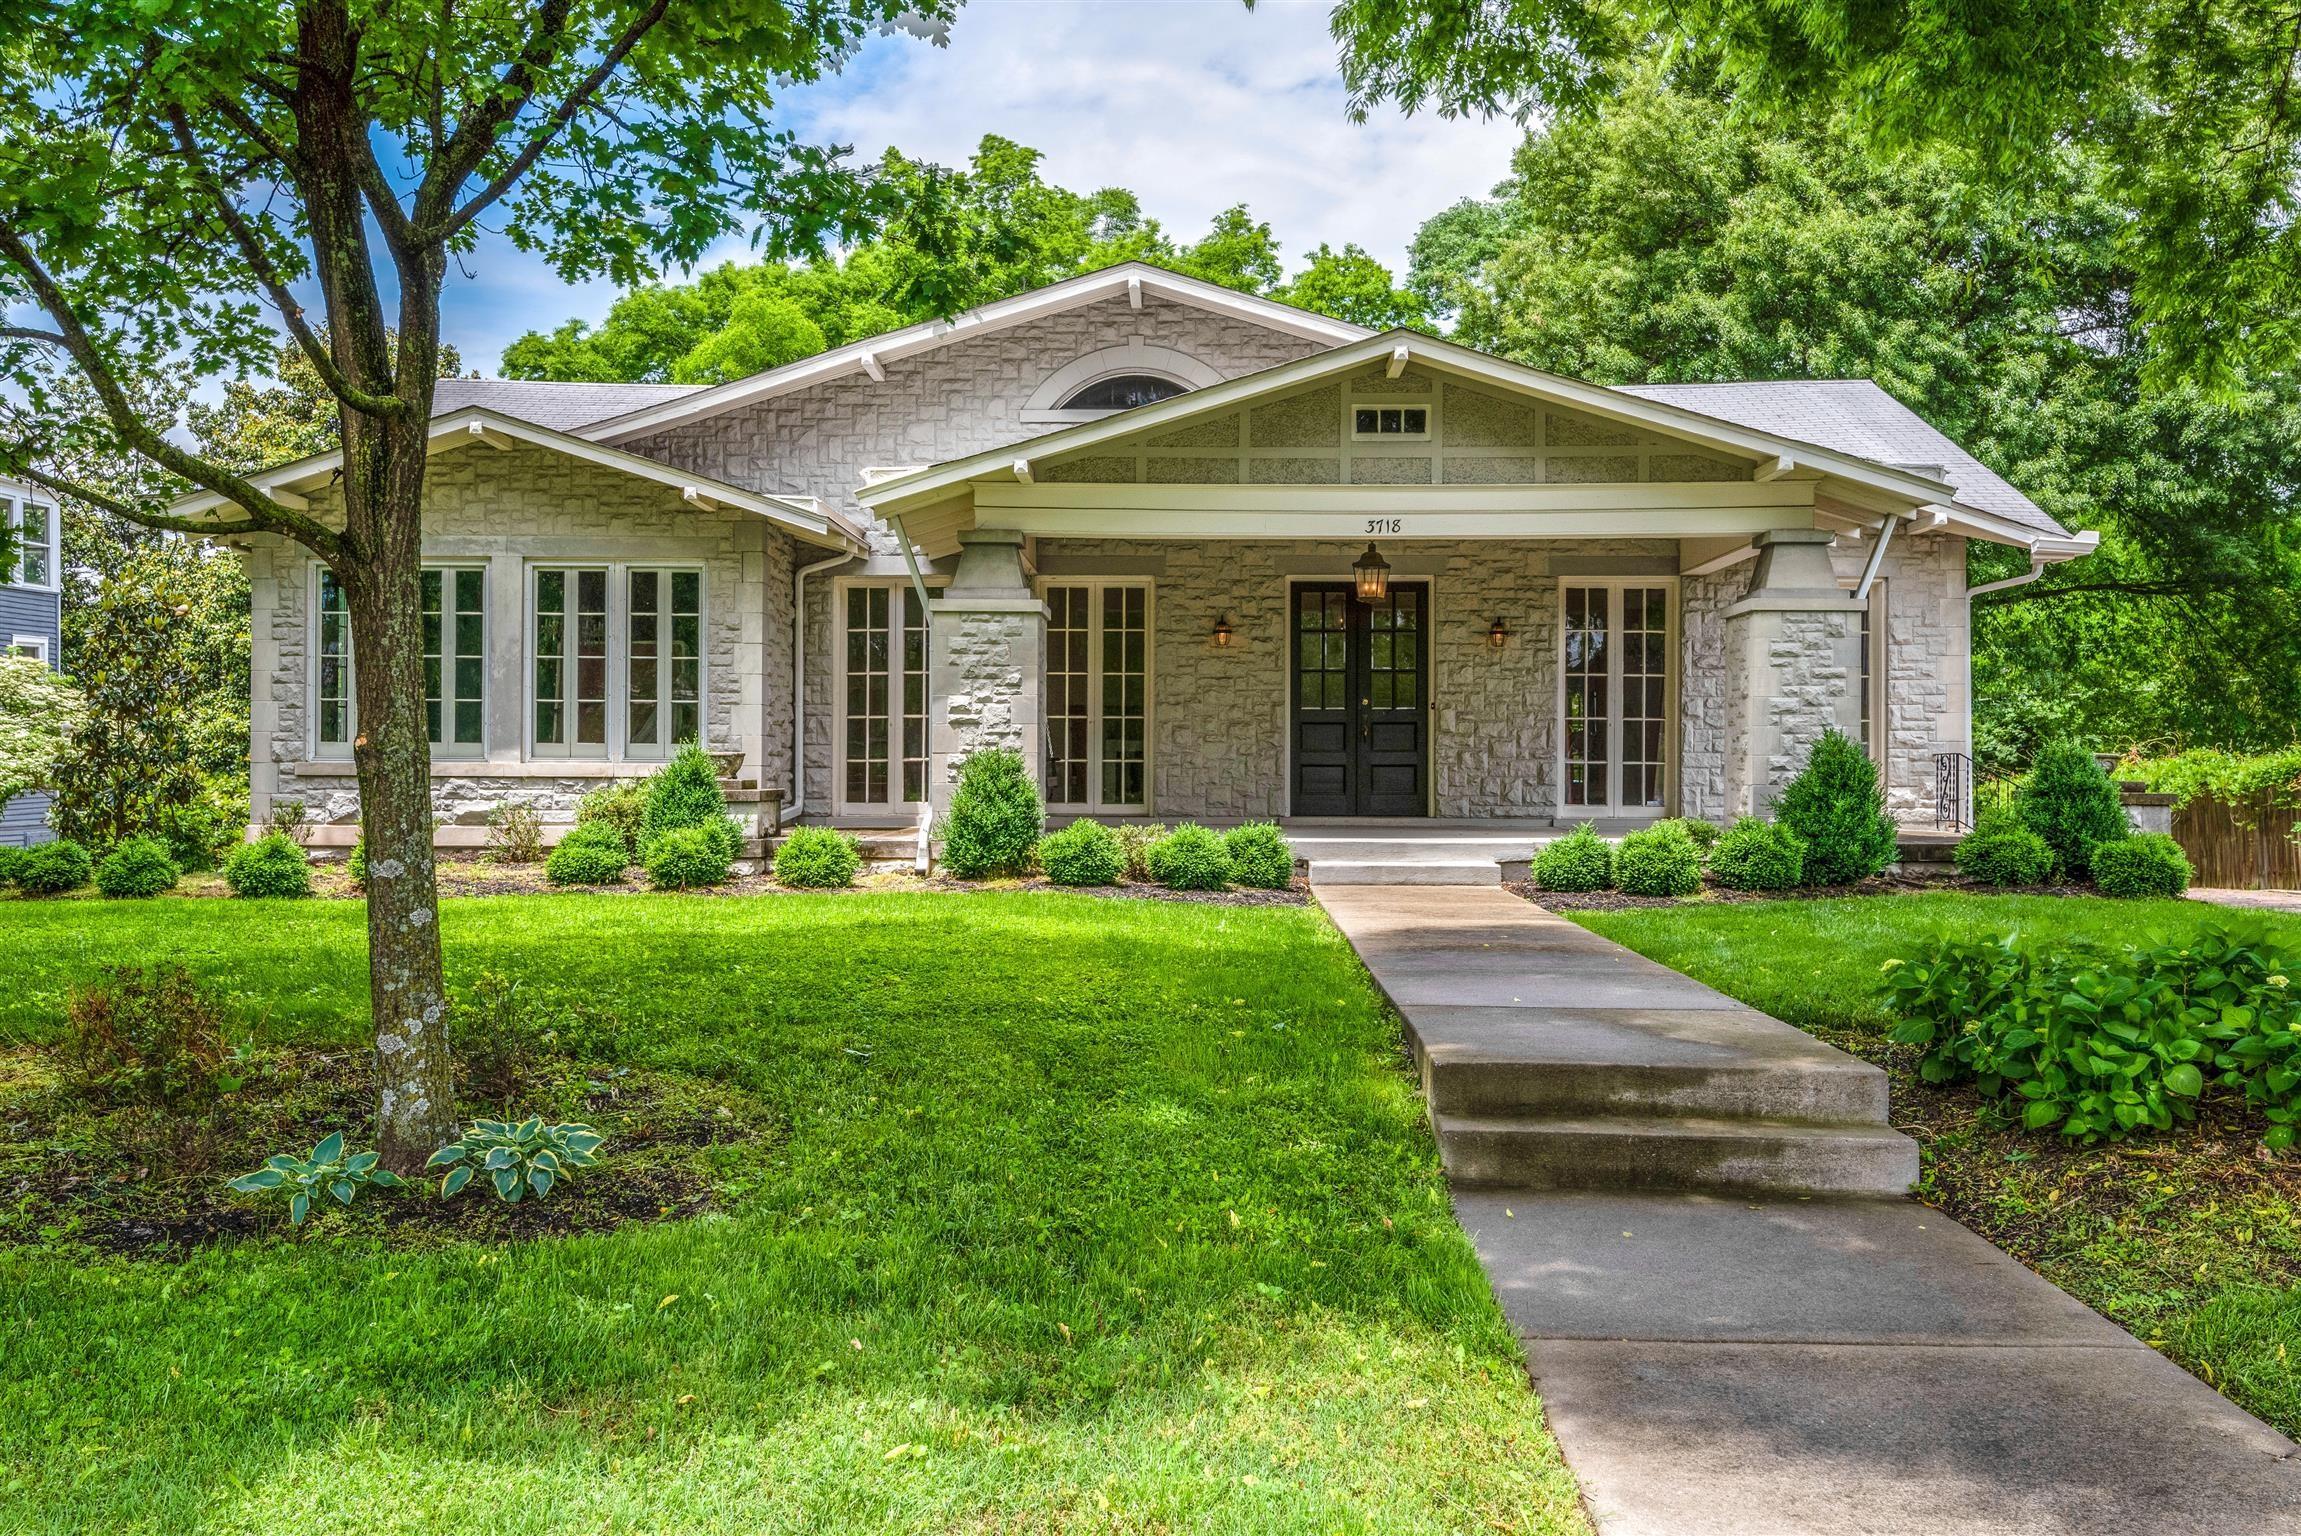 3718 West End Ave, Nashville, TN 37205 - Nashville, TN real estate listing